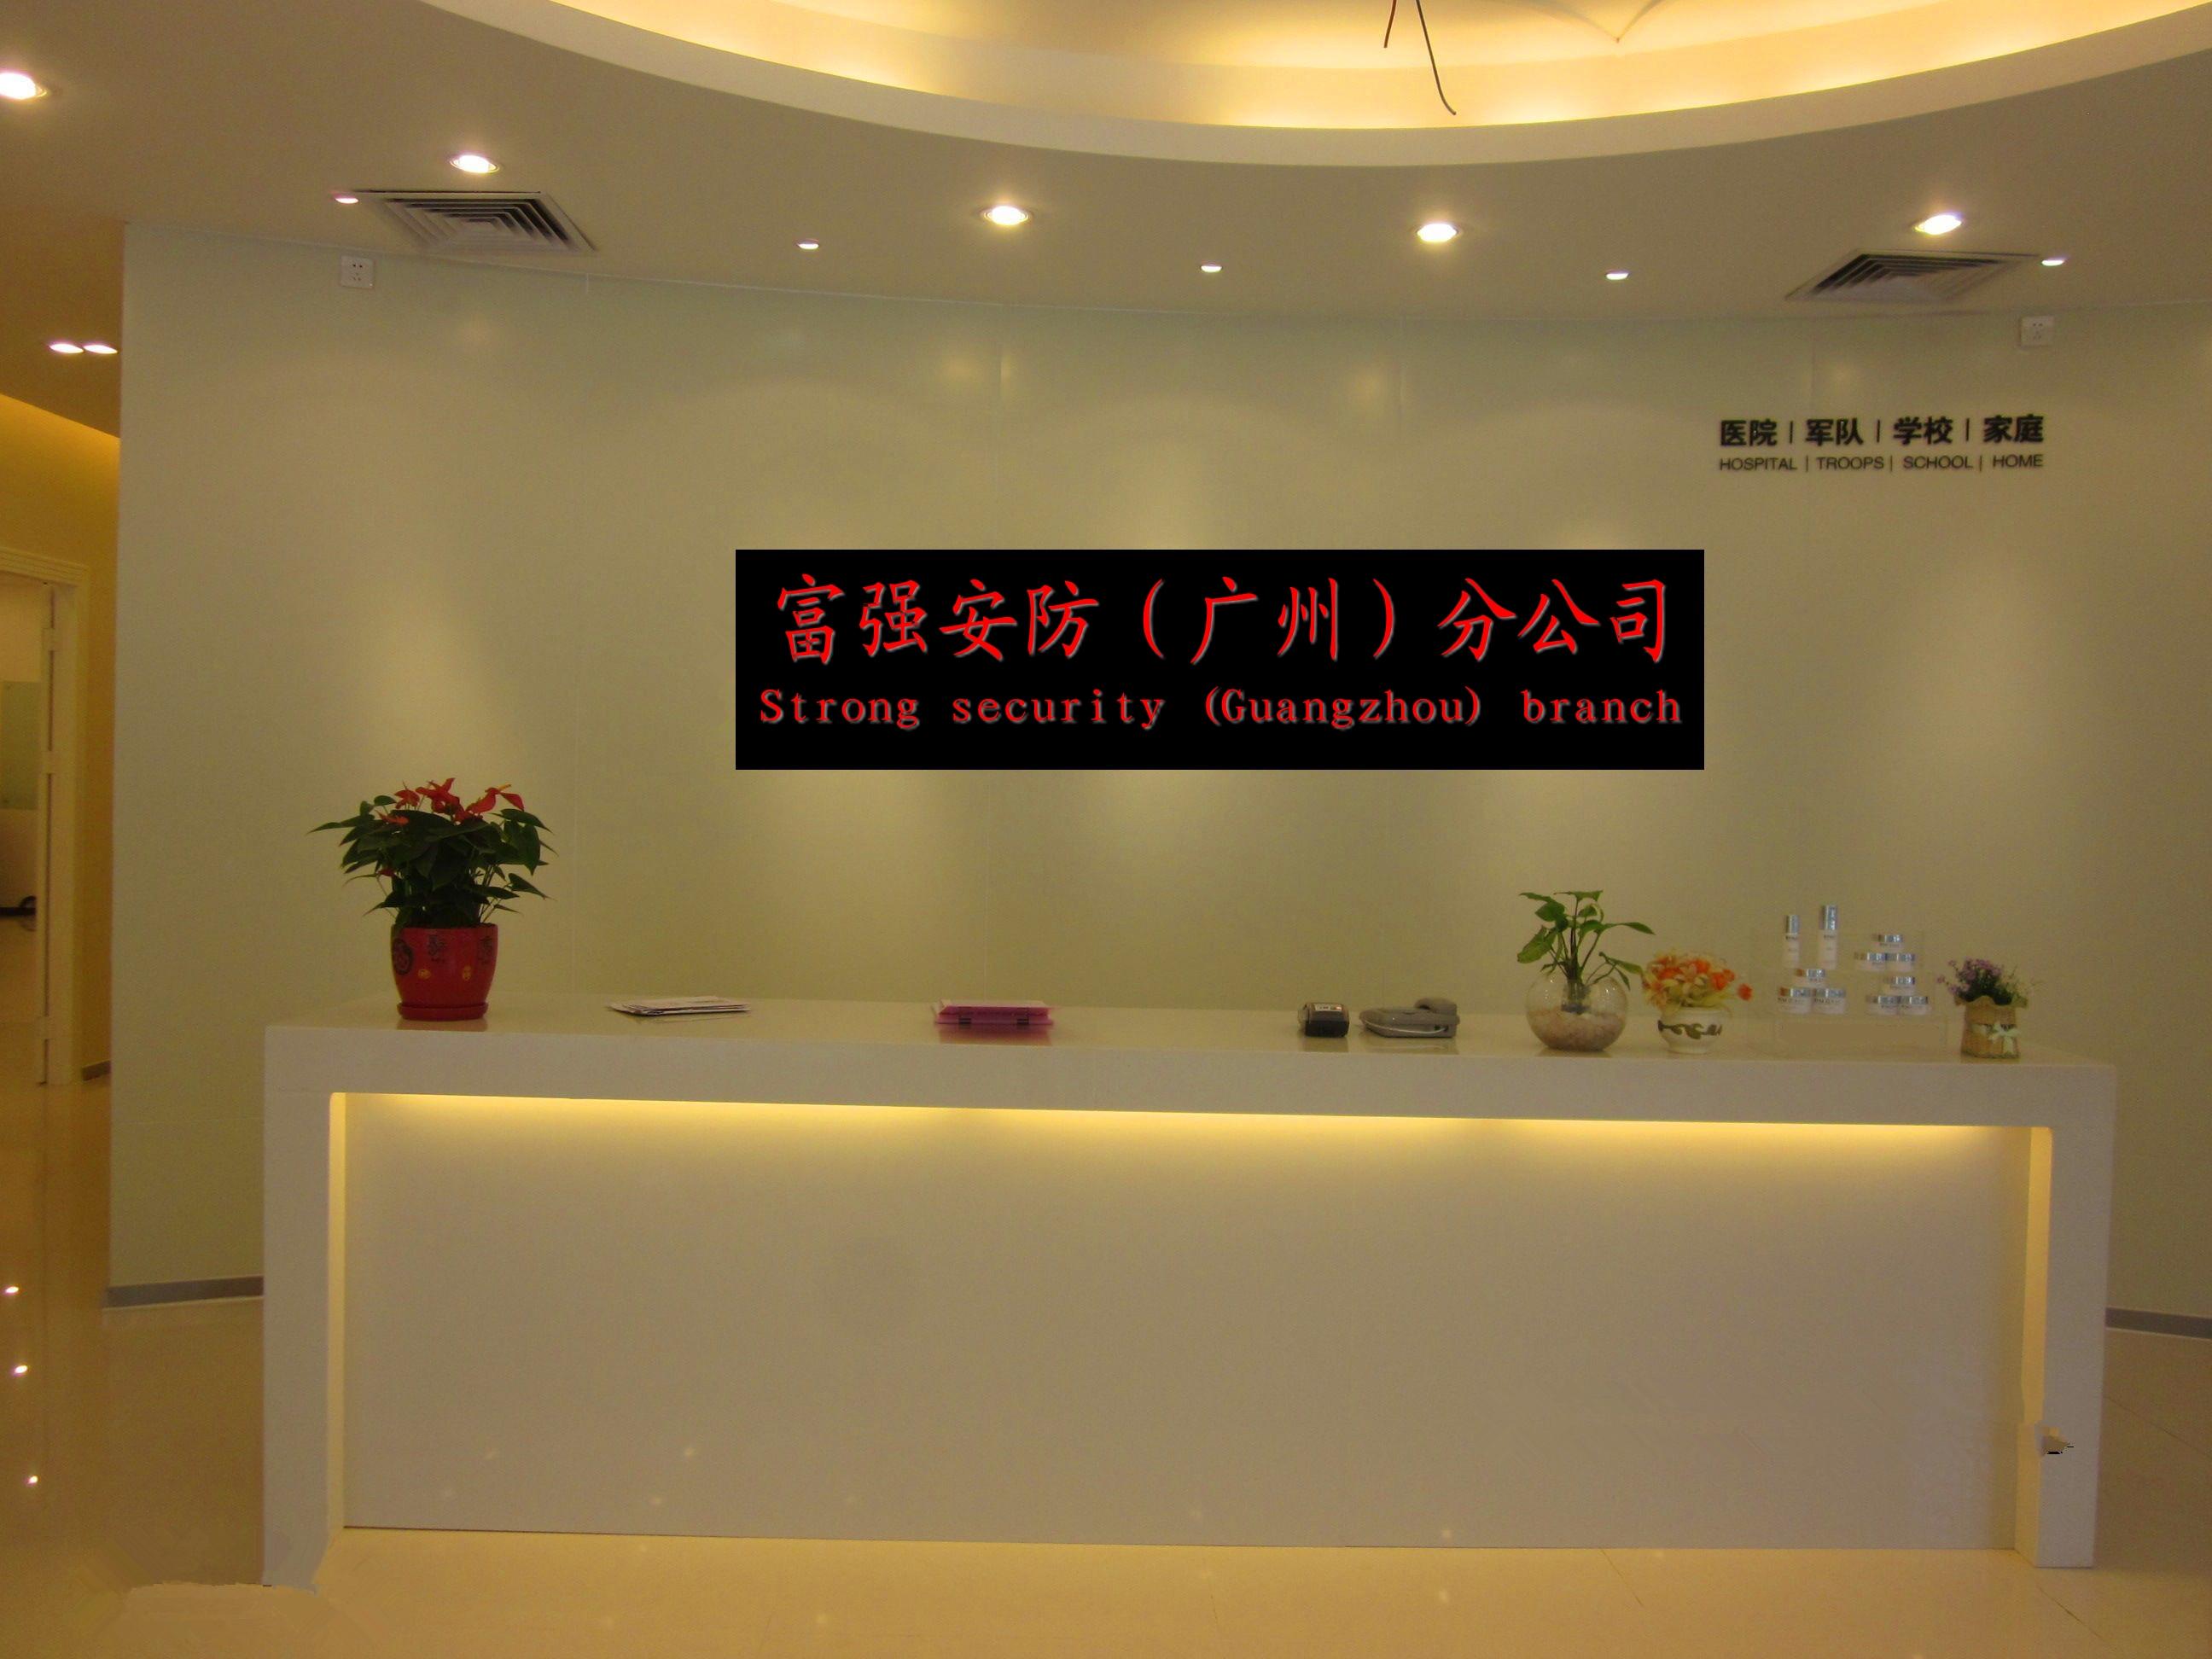 富强安防(广州)分公司